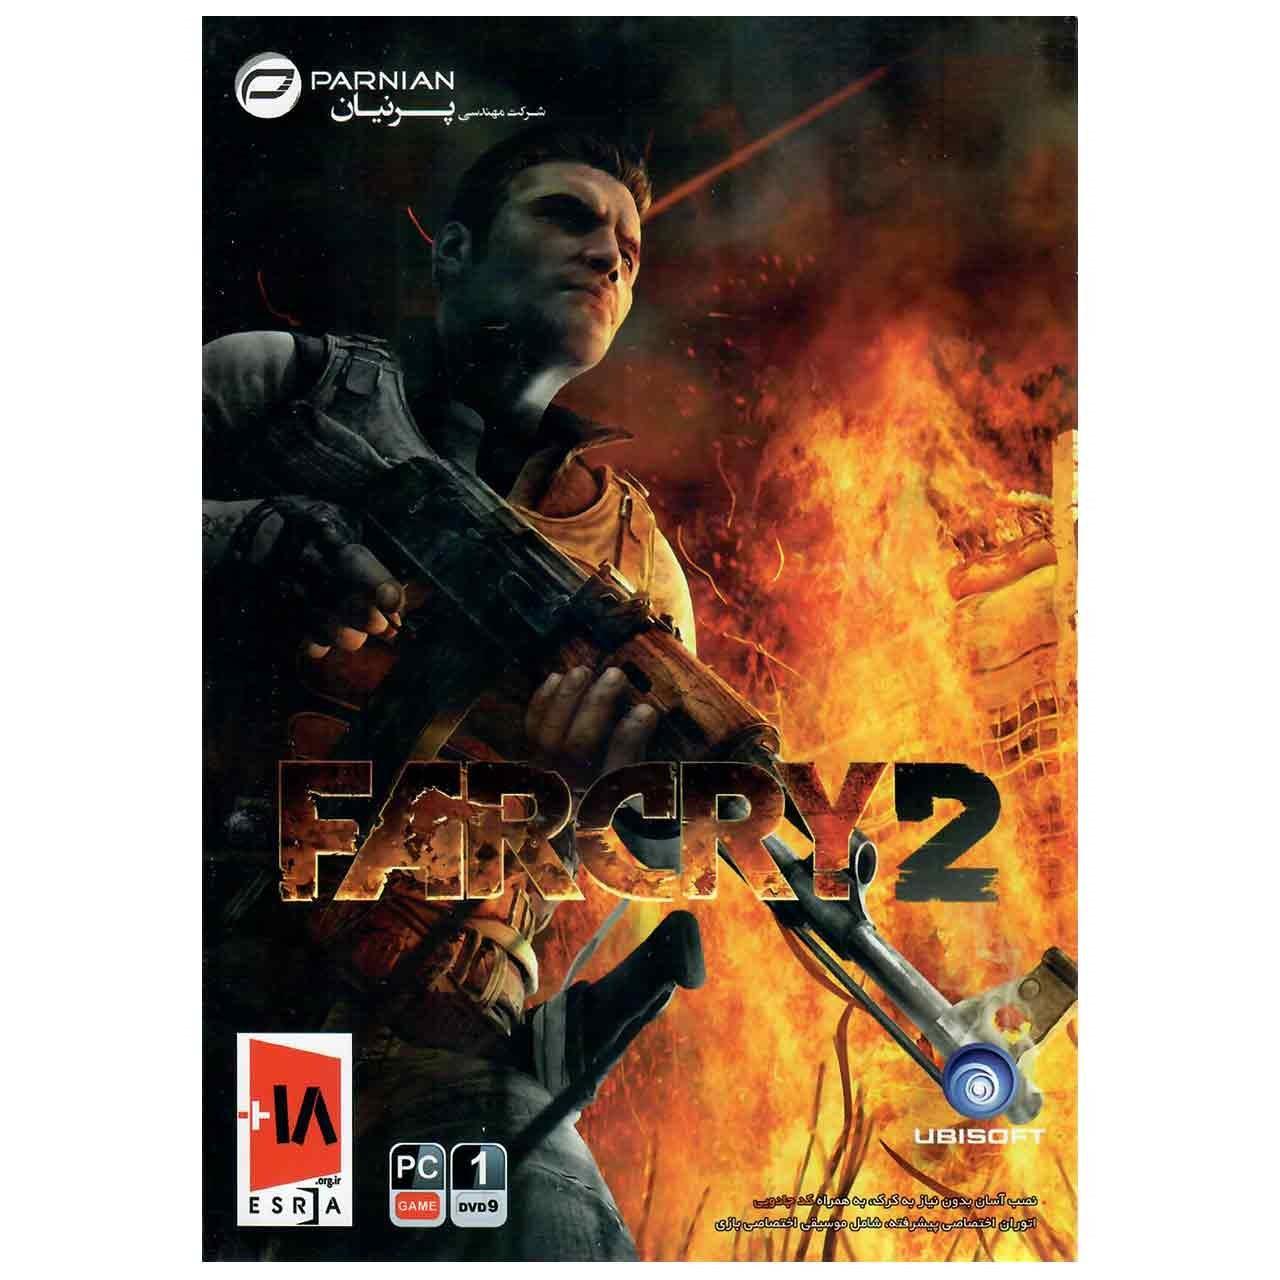 بازی کامپیوتری Farcry 2 مخصوص PC